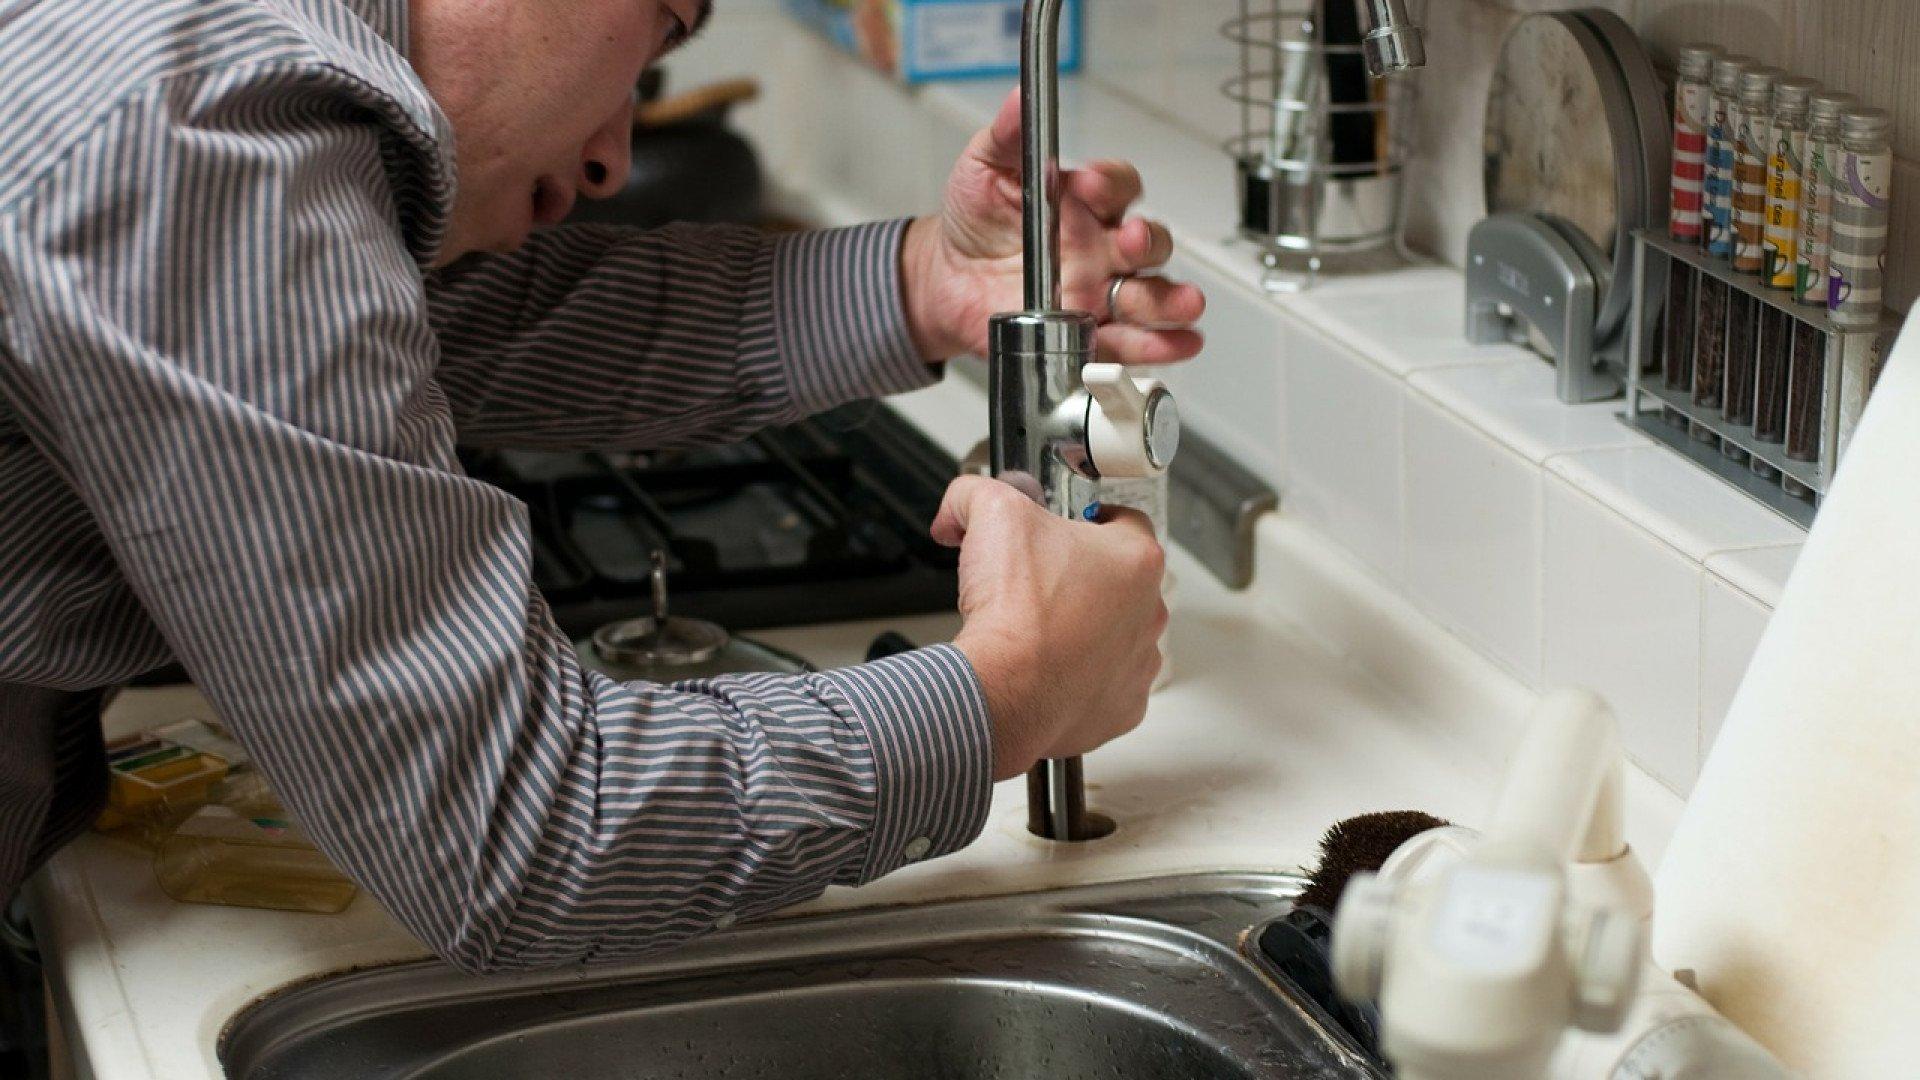 Faire appel aux meilleurs professionnels pour vos soucis ménagers 26